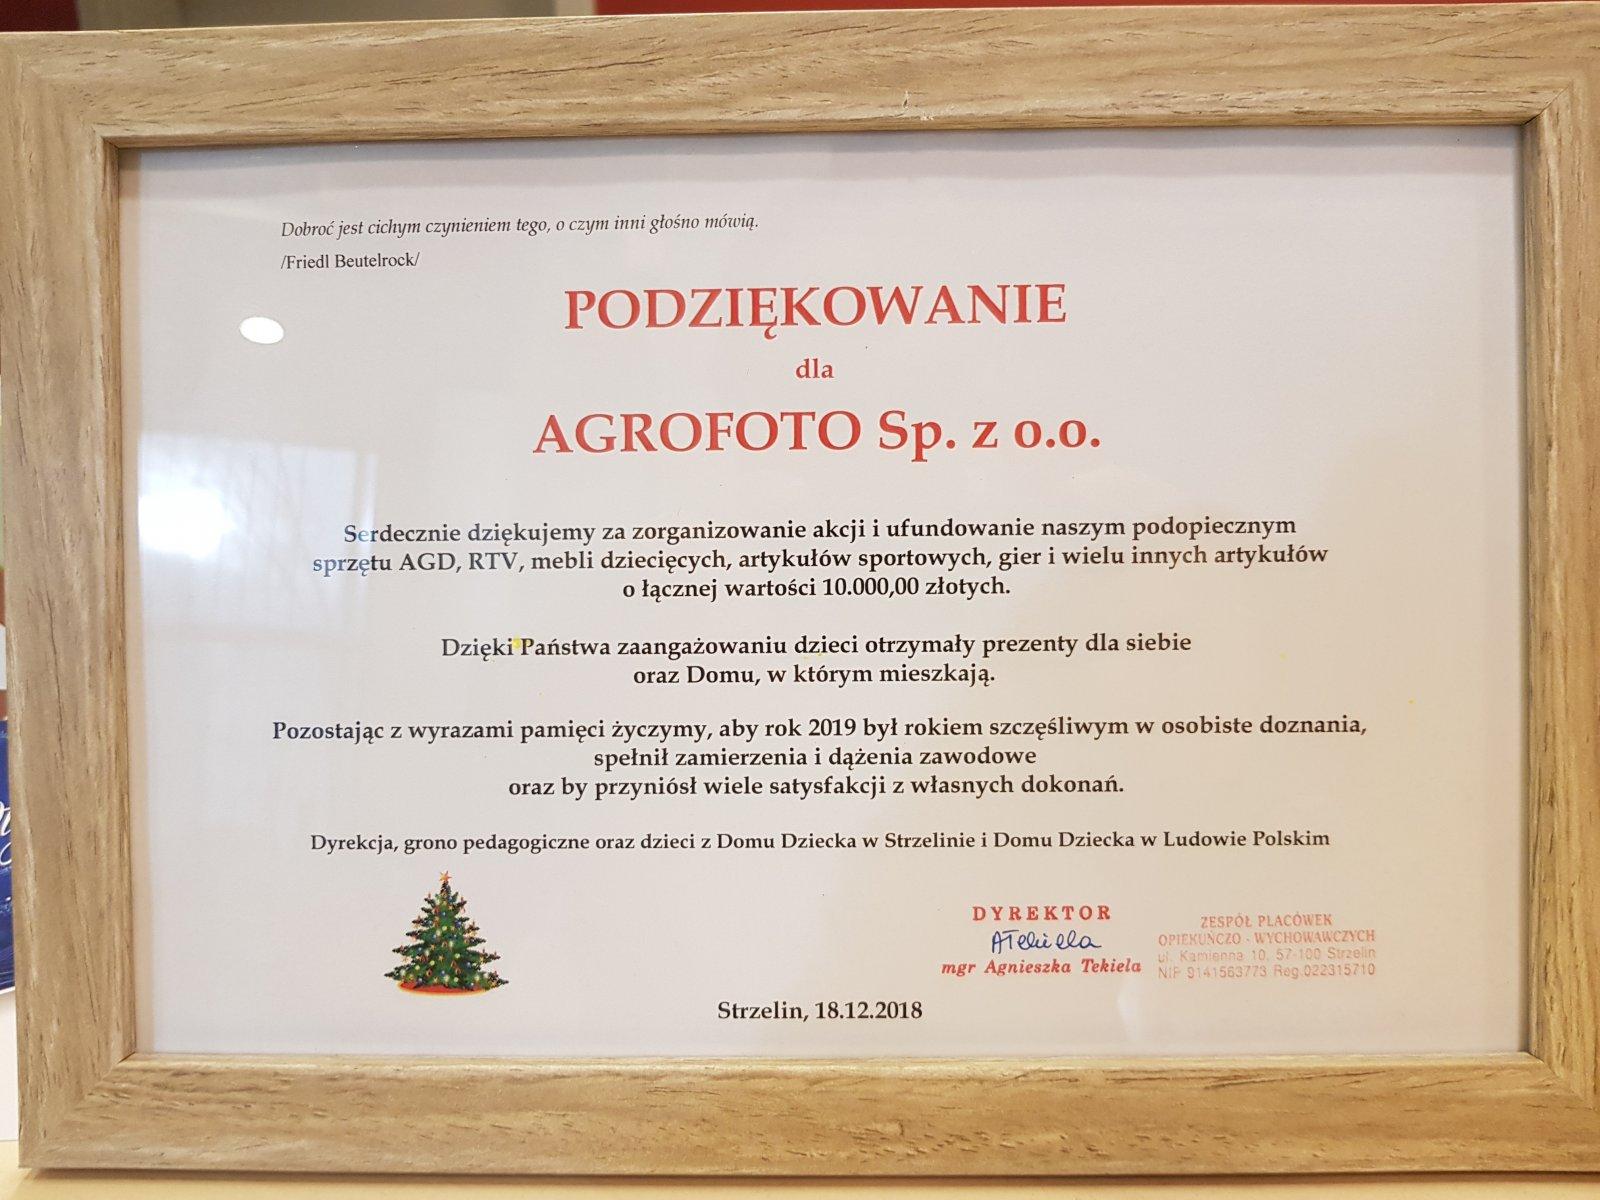 Choinka AgroFoto i Przyjaciele Dzieciom - 2018